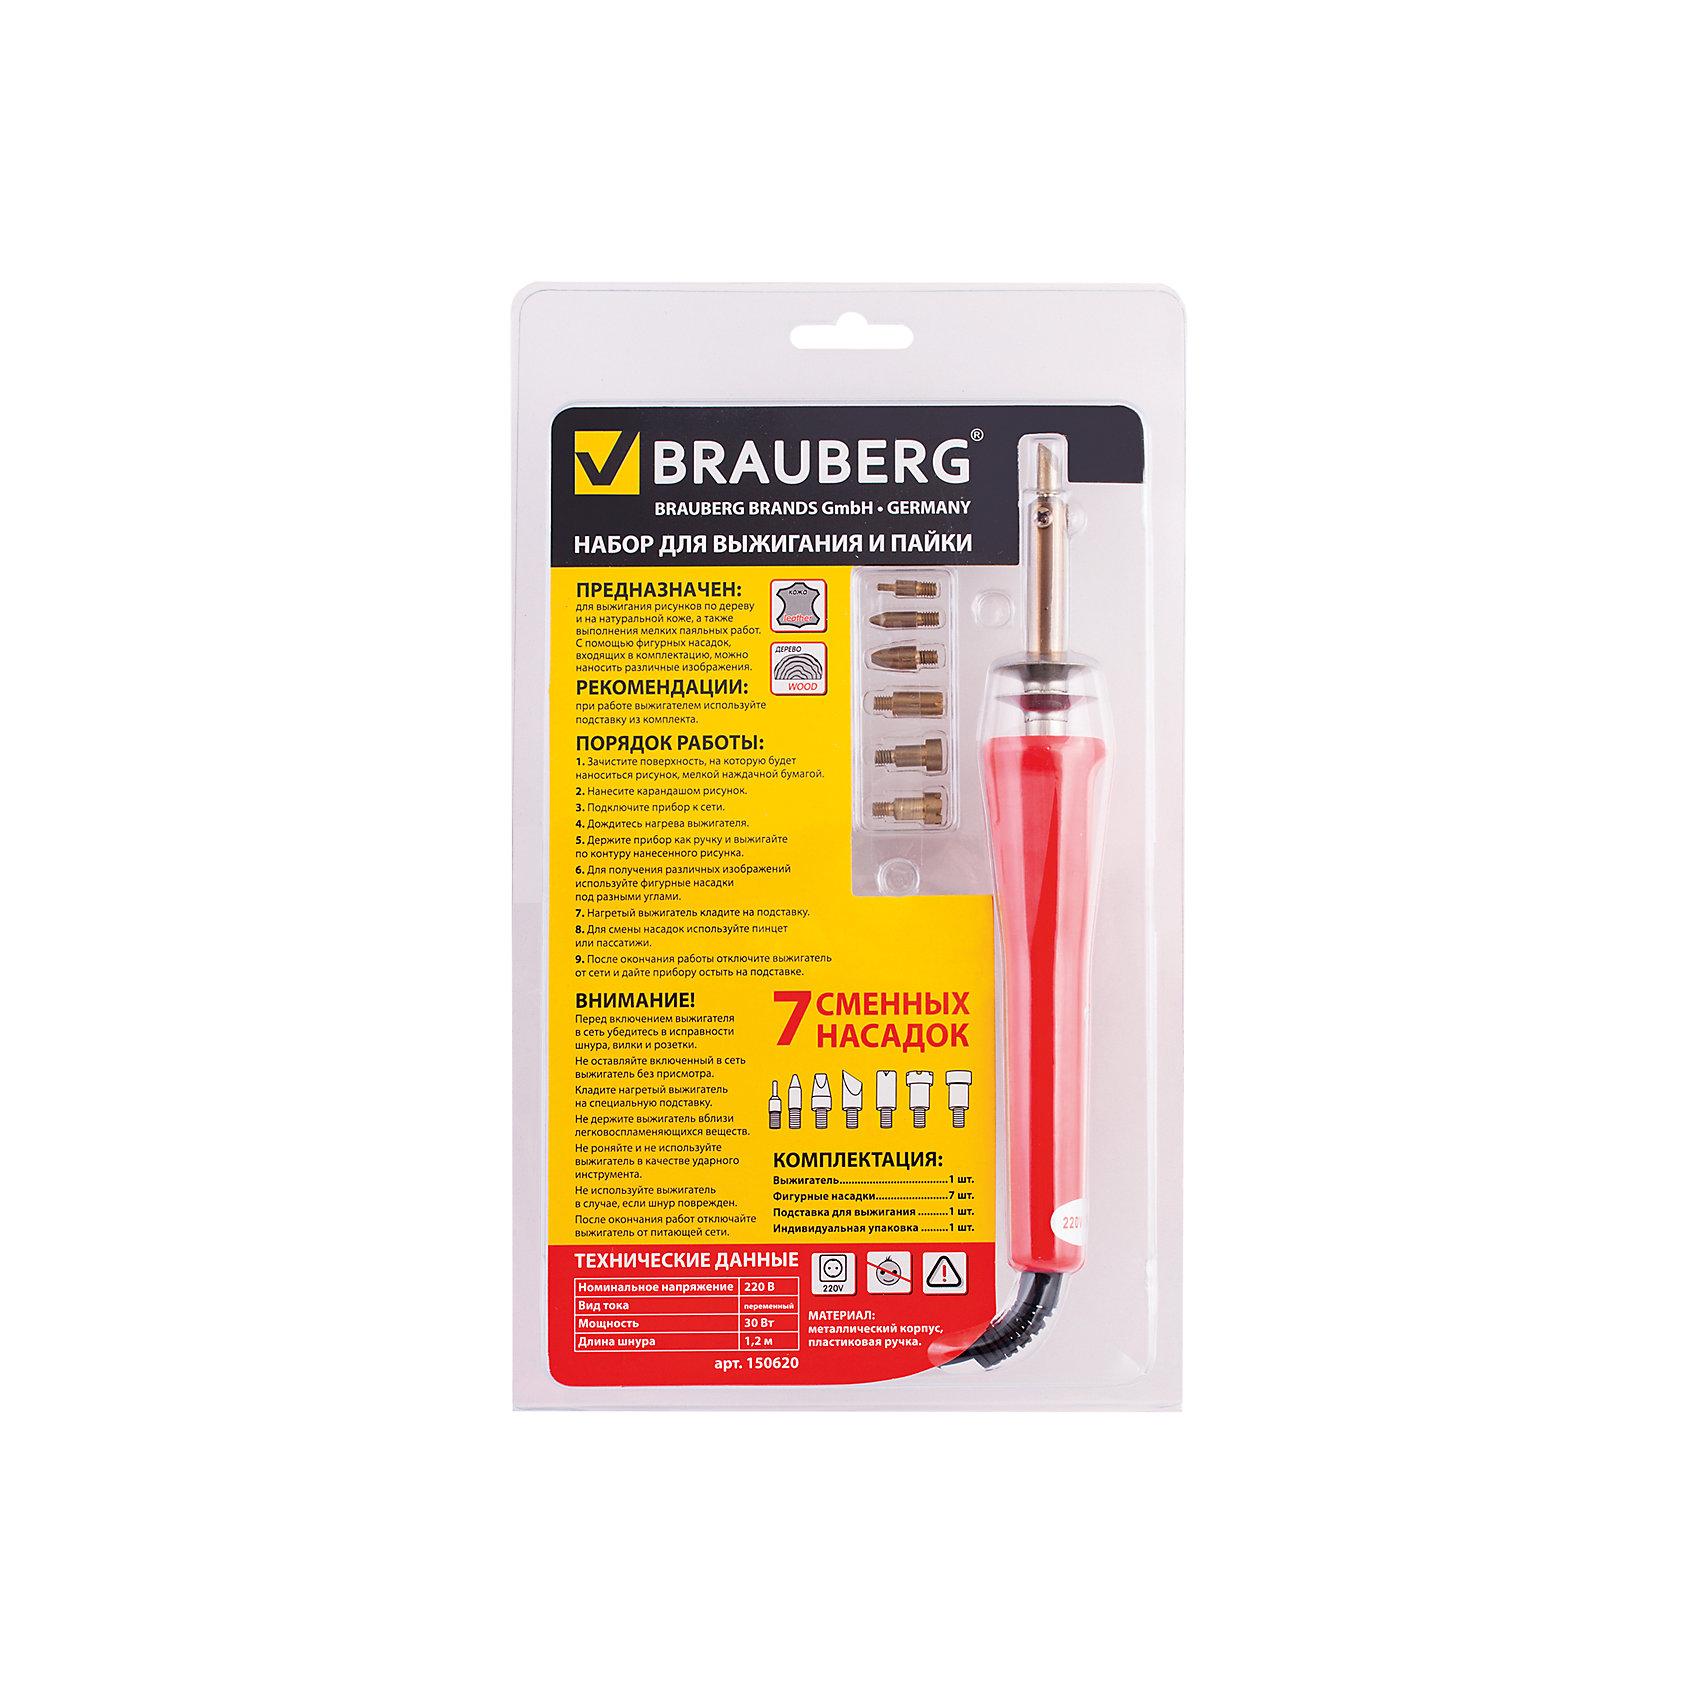 Набор для выжигания и пайки, BraubergНабор, состоящий из выжигателя и 7-ми сменных фигурных насадок, предназначен для выжигания художественных узоров, рисунков и изображений на деревянных поверхностях и коже. Специальная подставка в наборе обеспечивает дополнительное удобство применения.<br><br>Дополнительная информация: <br><br>- В наборе: выжигательный прибор, 7 сменных фигурных насадок.<br>- Номинальное напряжение - 220 В.<br>- Мощность - 30 Вт.<br>- Длина шнура - 1,2 м.<br>- Подставка для выжигателя прилагается.<br>- Цвет корпуса - красный.<br>- Размер упаковки: 28х4х16,5 см.<br>- Вес в упаковке: 260 г. <br><br>Набор для выжигания и пайки Brauberg можно купить в нашем магазине.<br><br>Ширина мм: 280<br>Глубина мм: 40<br>Высота мм: 165<br>Вес г: 260<br>Возраст от месяцев: 72<br>Возраст до месяцев: 2147483647<br>Пол: Унисекс<br>Возраст: Детский<br>SKU: 4792699